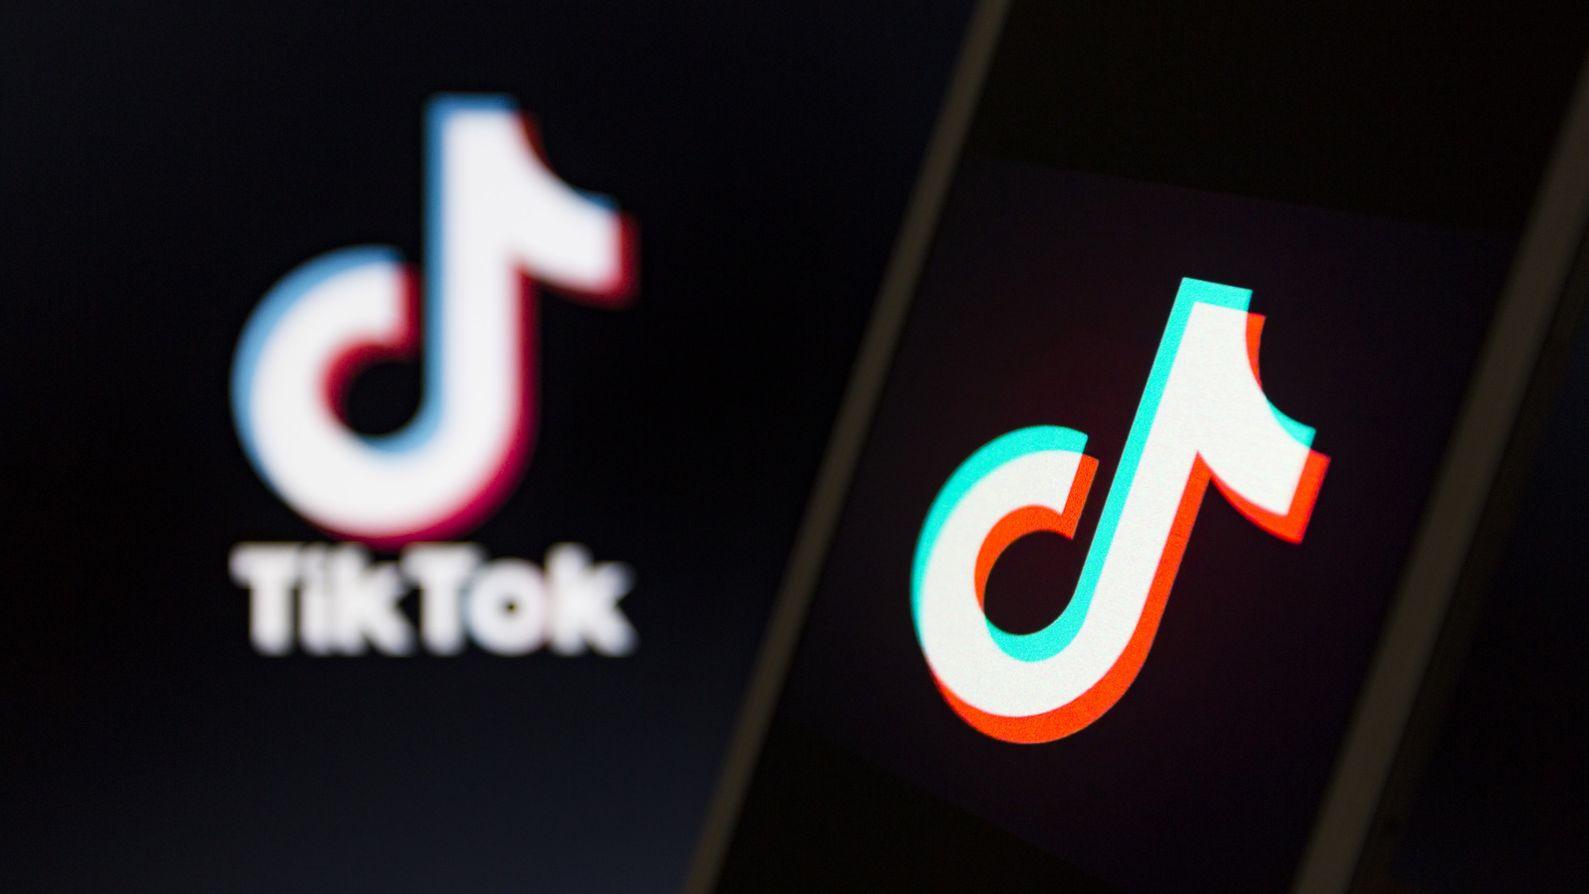 Wie problematisch ist die App TikTok?